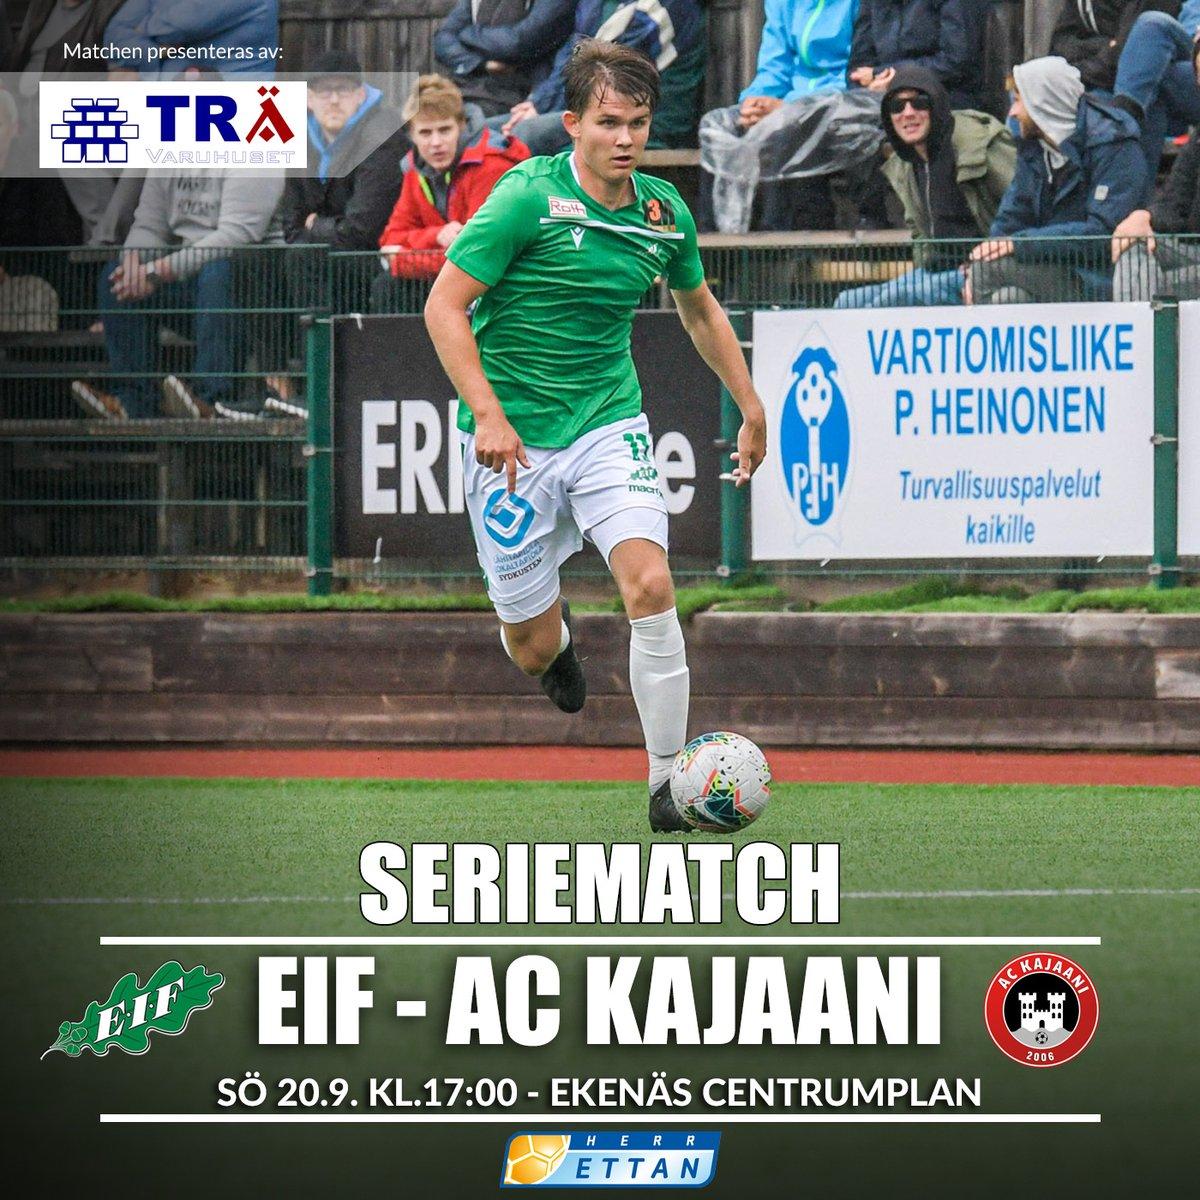 Herrlaget spelar imorgon hemmamatch igen!  📅 20.9.2020 🏟️ Ekenäs centrumplan ⏰ kl. 17:00 💚🤍💚🤍 https://t.co/khUypVUaZT